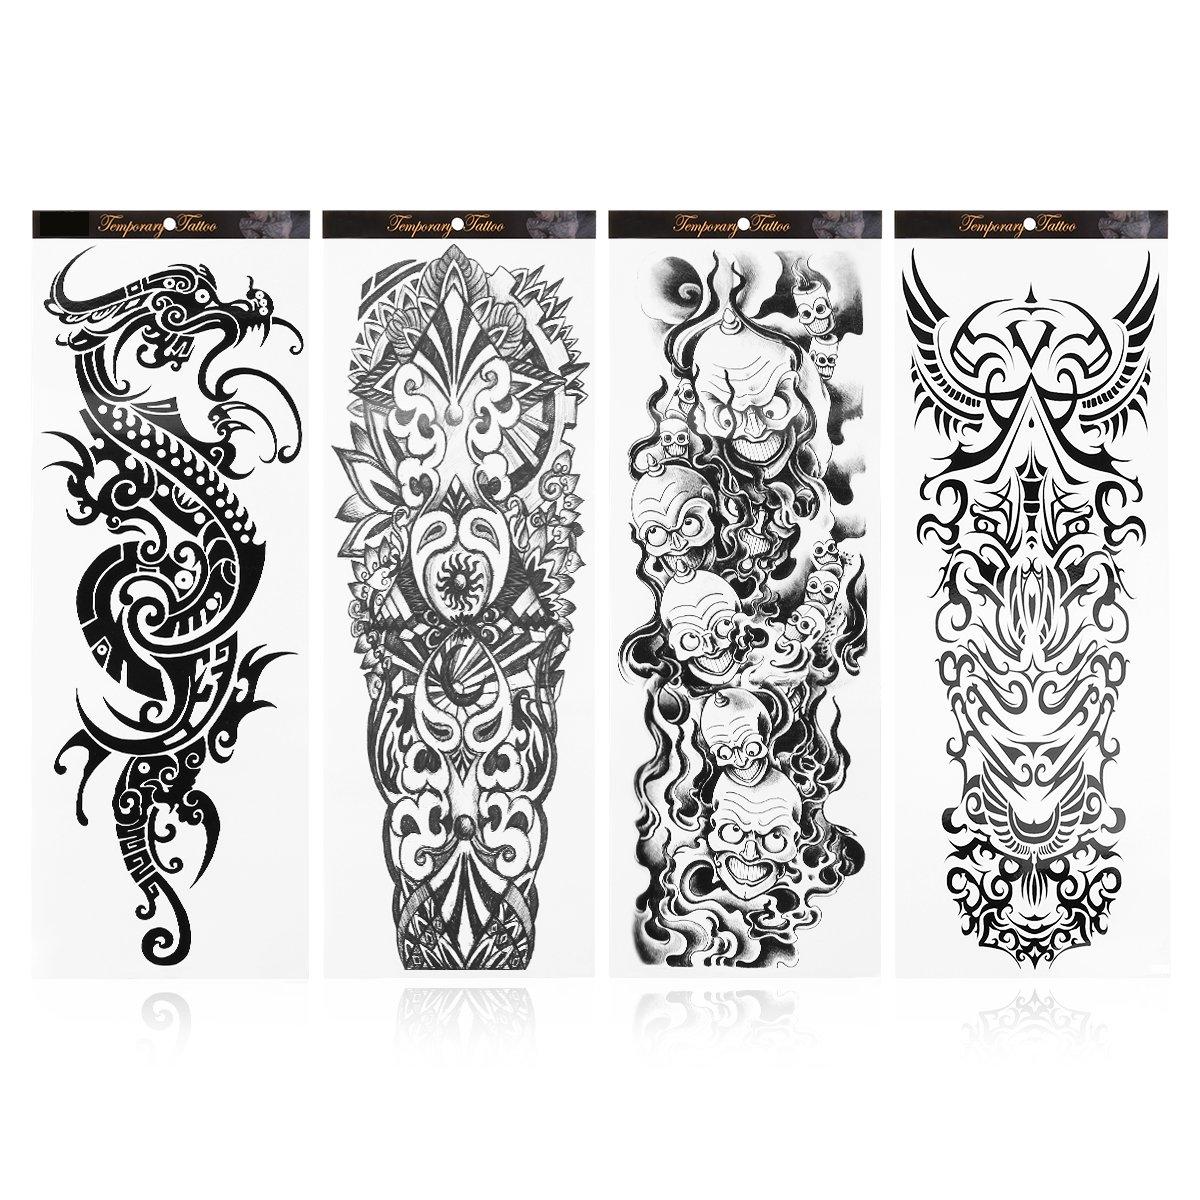 Letras Aztecas Para Tatuajes Cheap Dibujos Aztecas Para Tatuajes